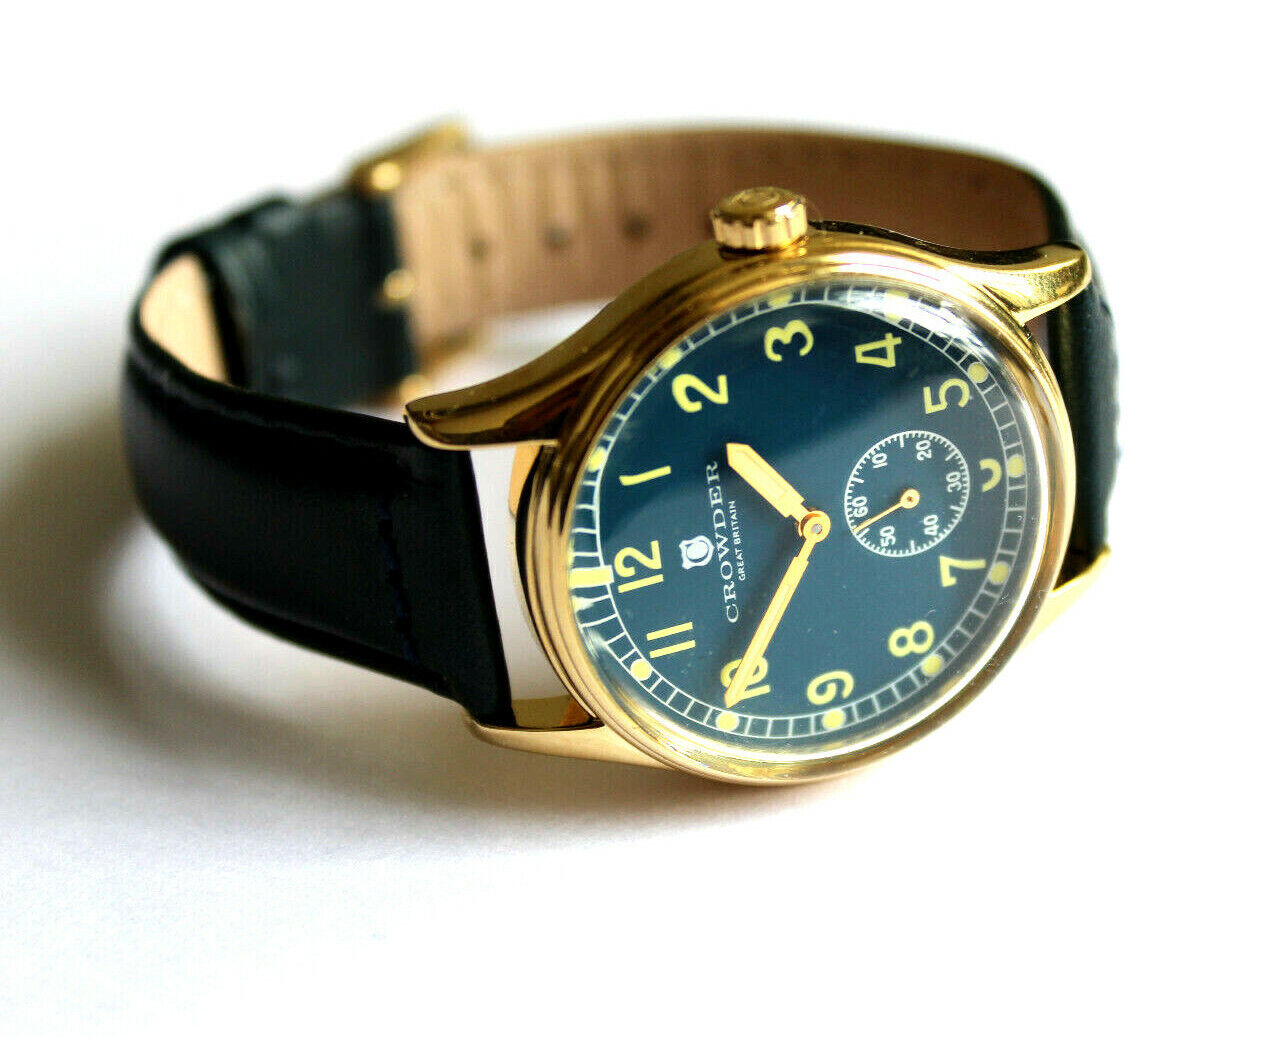 Crowder Retro / Vintage Military 1940s WW2 Replica Watch Blu